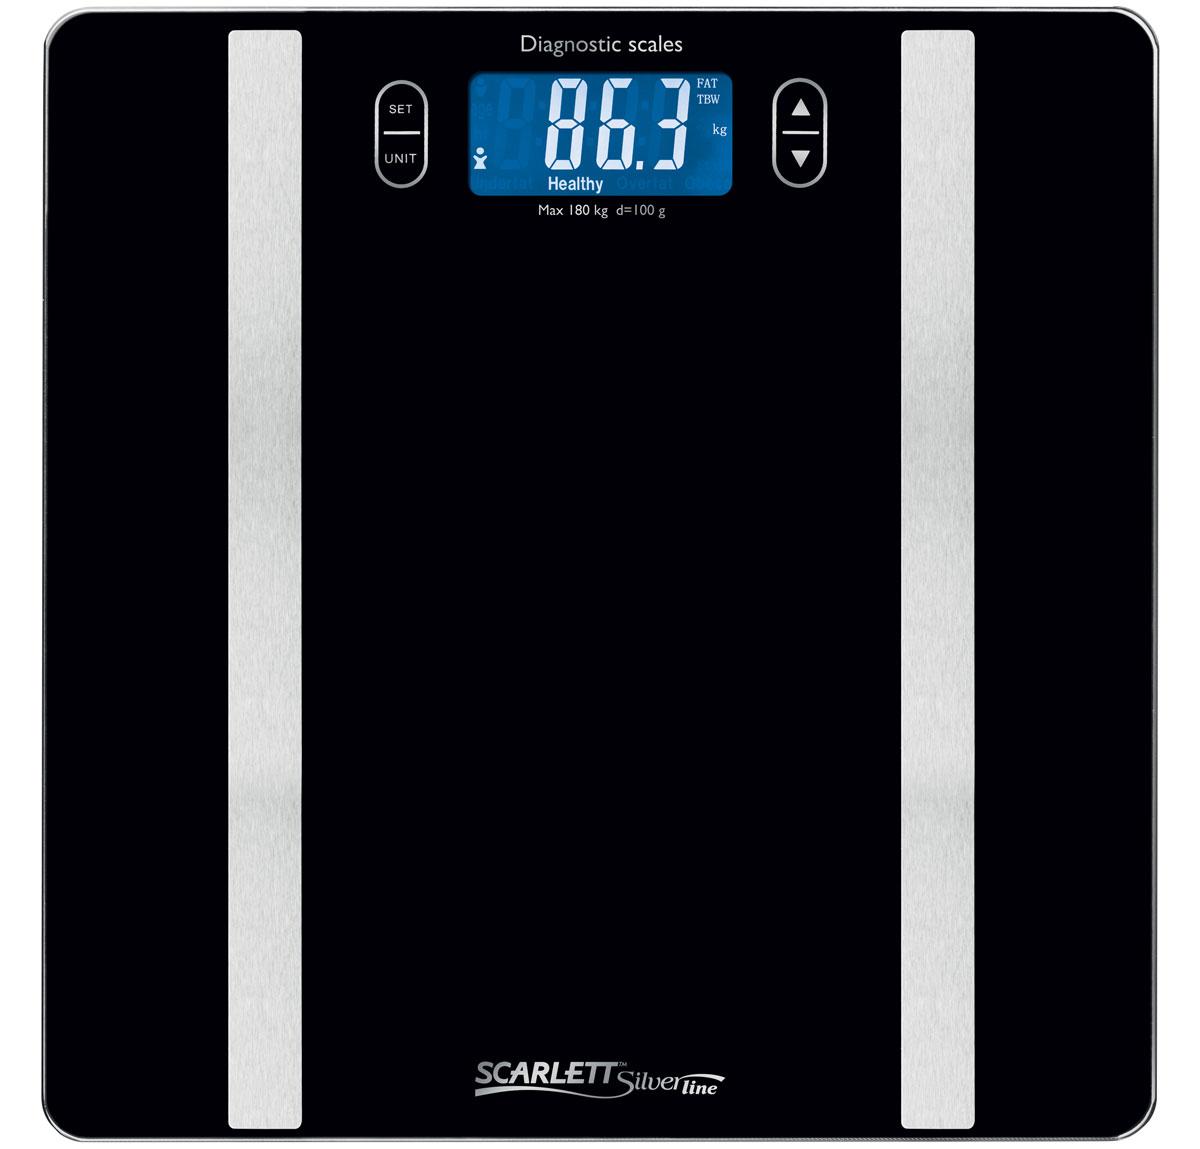 Scarlett SL-BS34ED42, Black весы напольныеSL-BS34ED42Диагностические весы Scarlett SL-BS34ED42 не только помогут следить за весом, но и определить процентное соотношение воды и жира в организме. Есть возможность занести полученные результаты измерений в память – доступно 10 ячеек, в которые заносится информация о росте, возрасте, поле и других параметрах пользователя. Включаются и выключаются весы автоматически – достаточно встать на платформу и весы начнут работу. Платформа весов имеет ультратонкий дизайн (5 мм), изготовлена из качественного высокопрочного стекла и оснащена большим жидкокристаллическим дисплеем. Предусмотрены индикаторы превышения допустимой нагрузки и необходимости заменить батарейки. Для работы весов потребуются две 3V батарейки типа CR 2032 – они уже включены в комплект поставки. Безопасность использования обеспечивается прорезиненными ножками, исключающими скольжение.